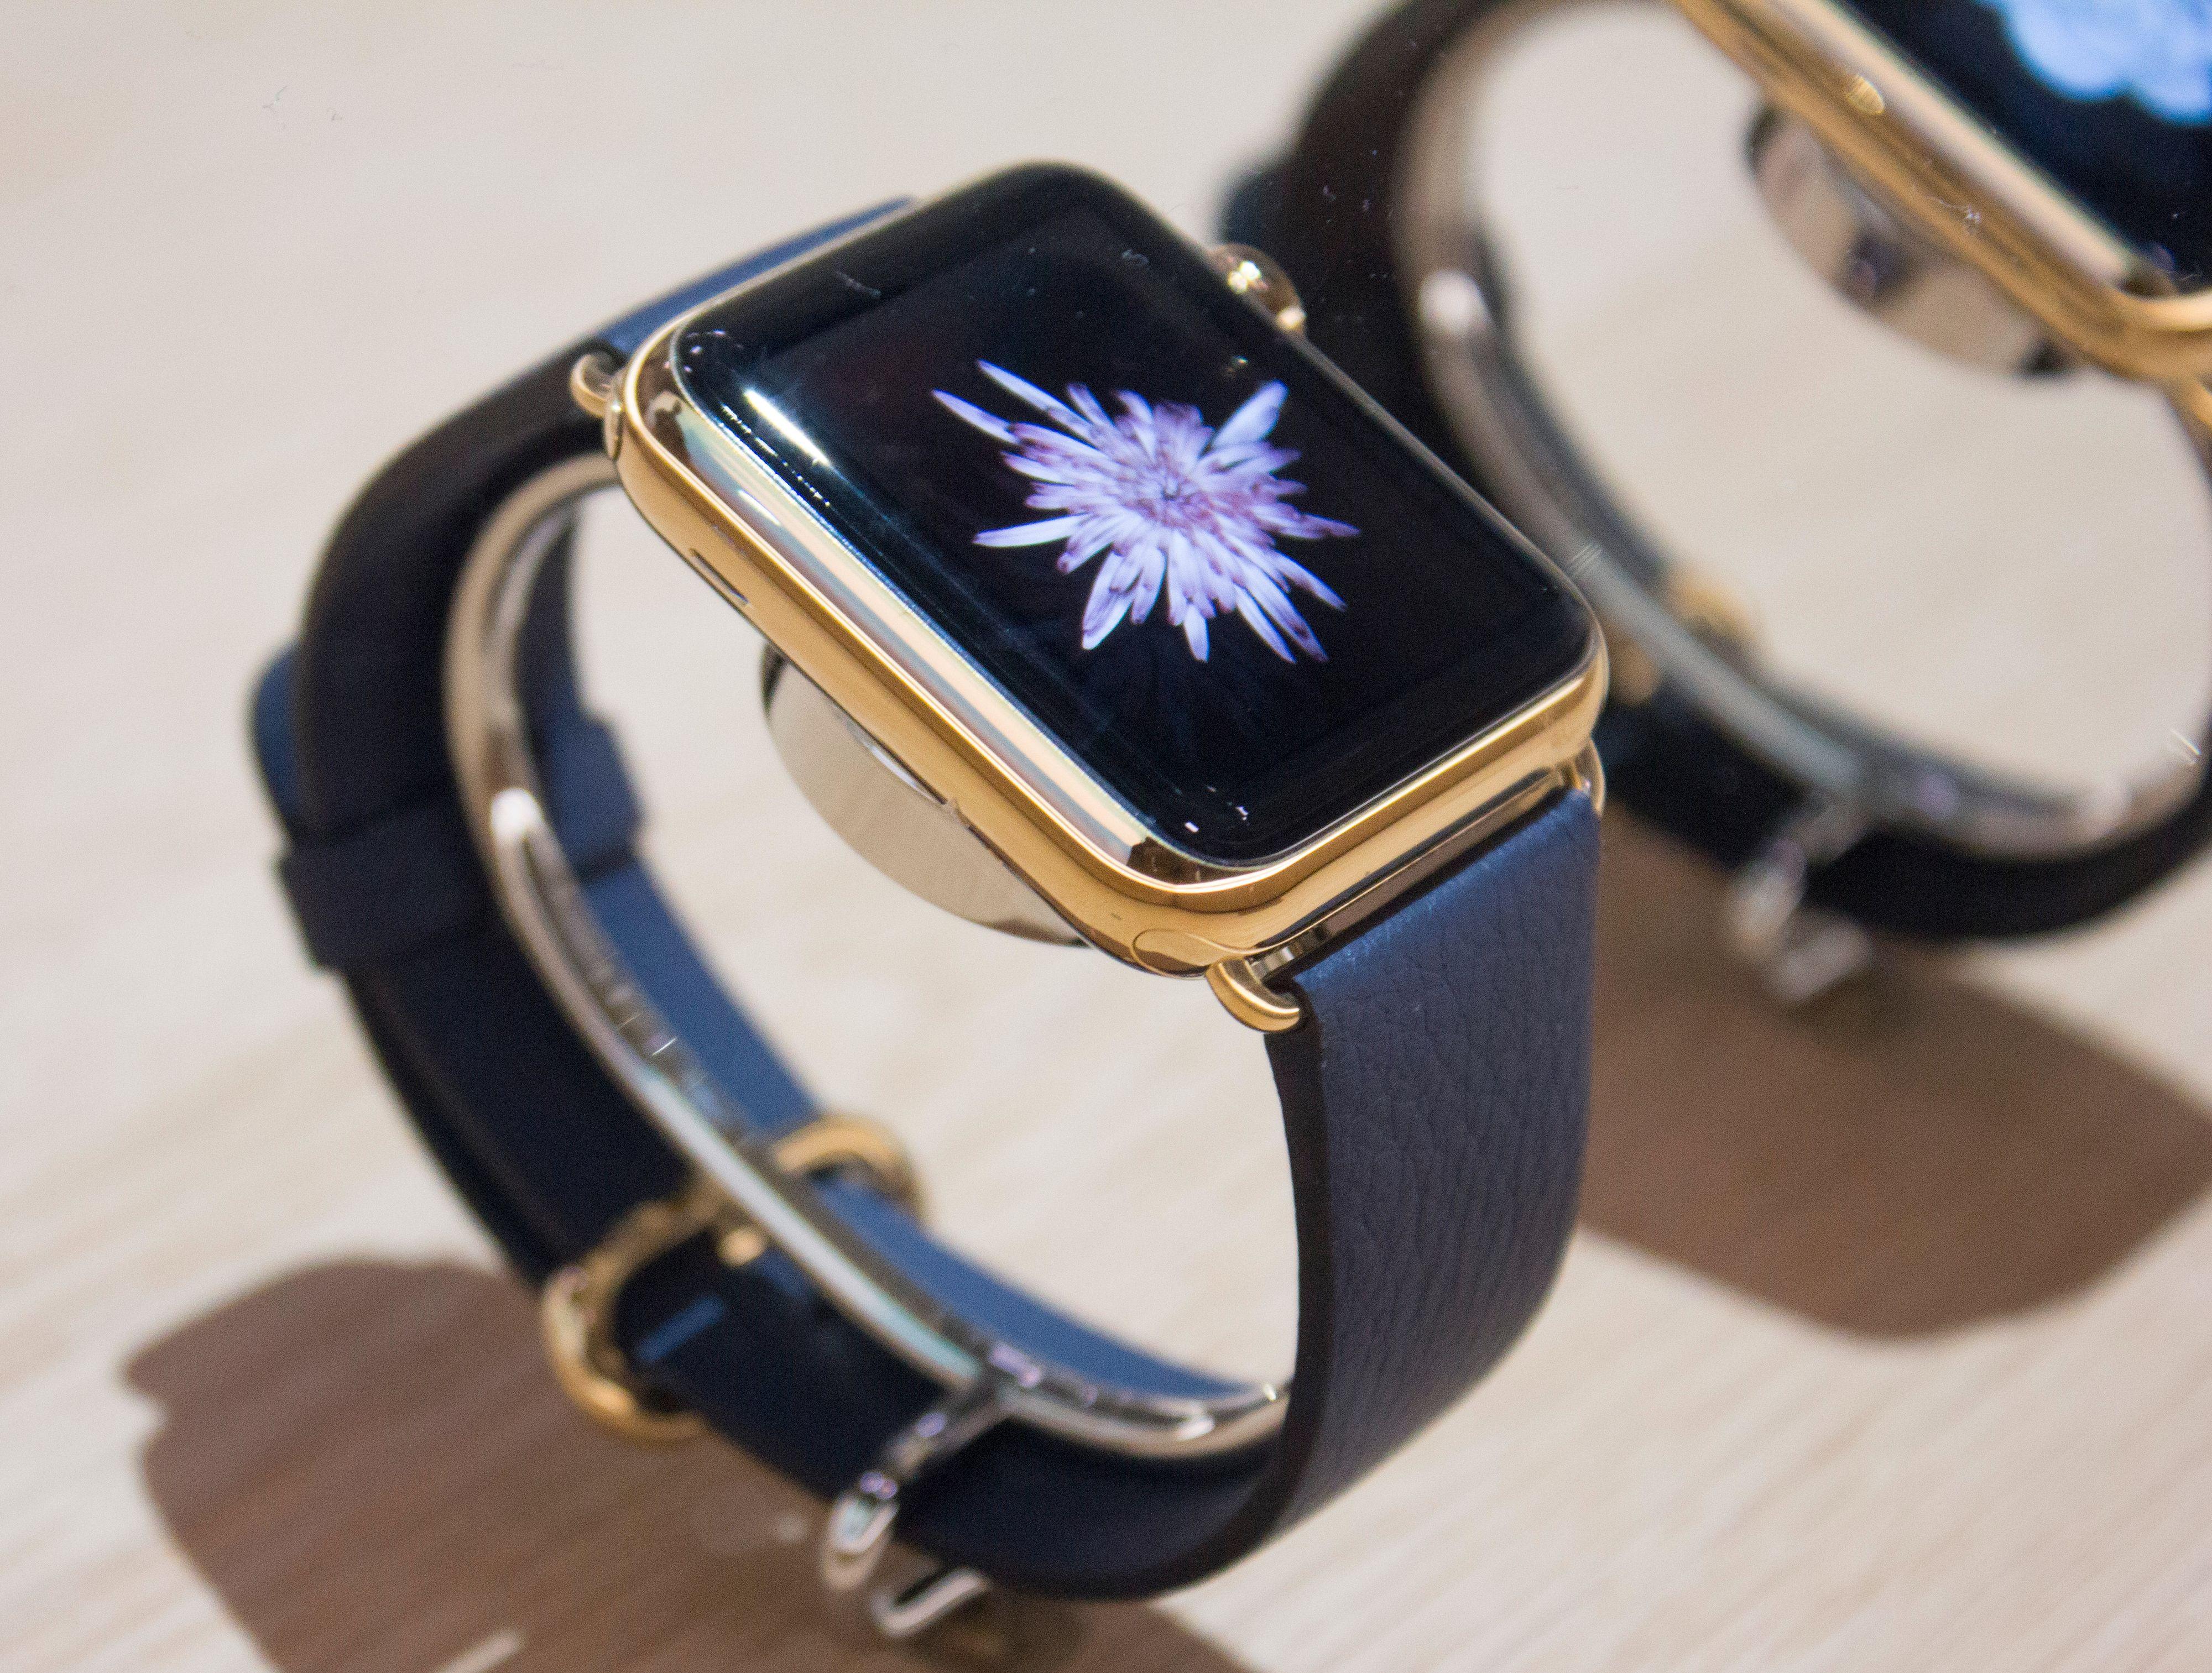 Dyreste variant Apple Watch skal koste over 130 000 kroner. Det som kanskje var slike klokker ble utstilt inni et glassbord. Foto: Finn Jarle Kvalheim, Tek.no